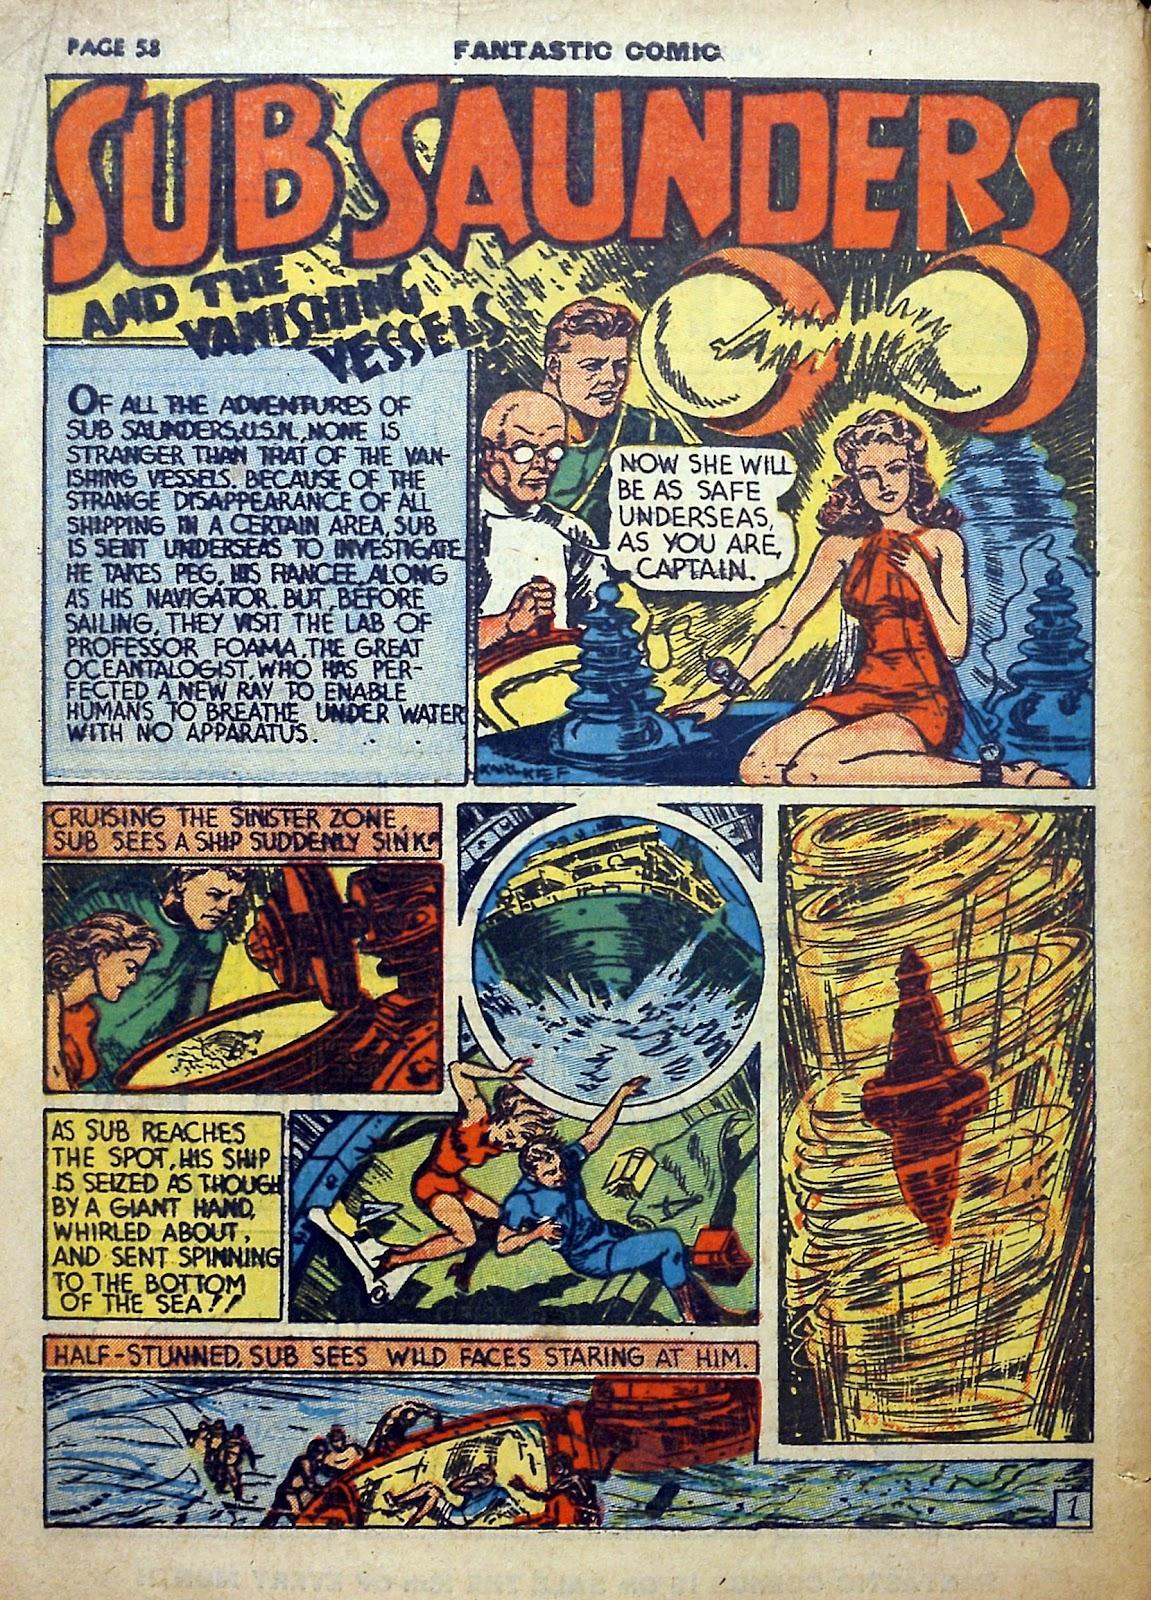 Read online Fantastic Comics comic -  Issue #5 - 59